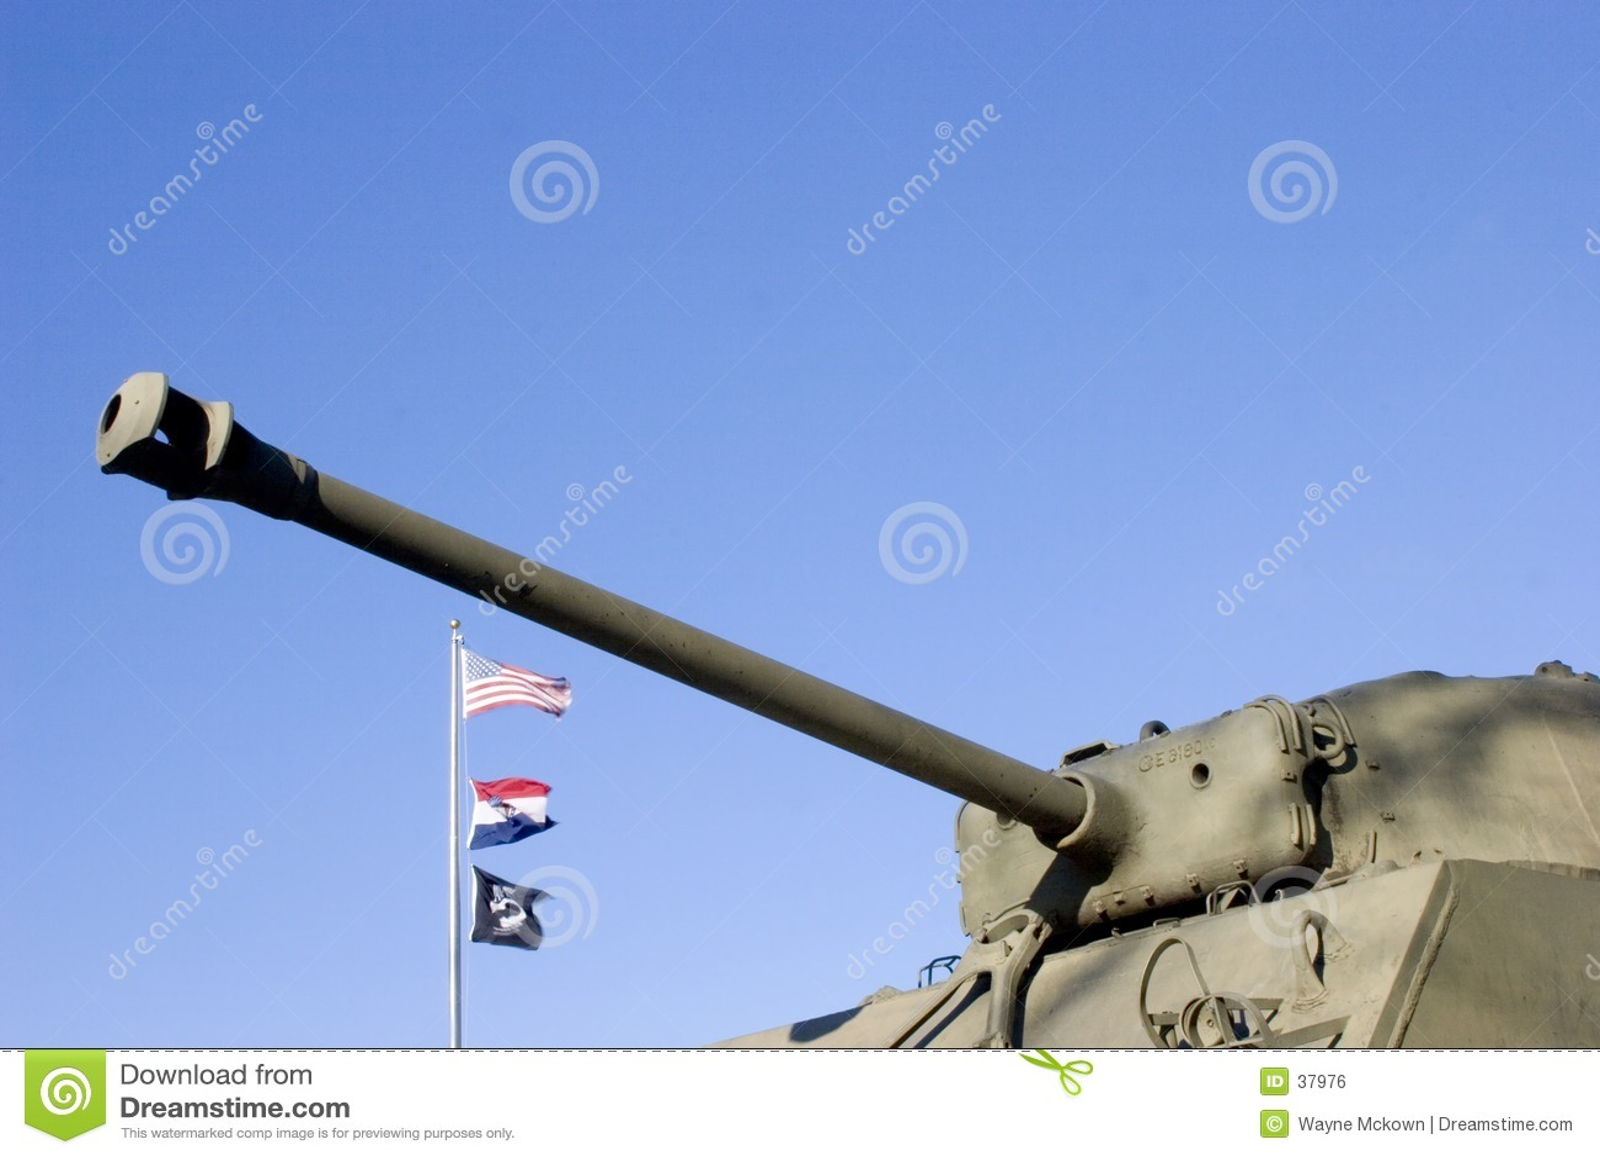 Tanque do exército dos EUA.